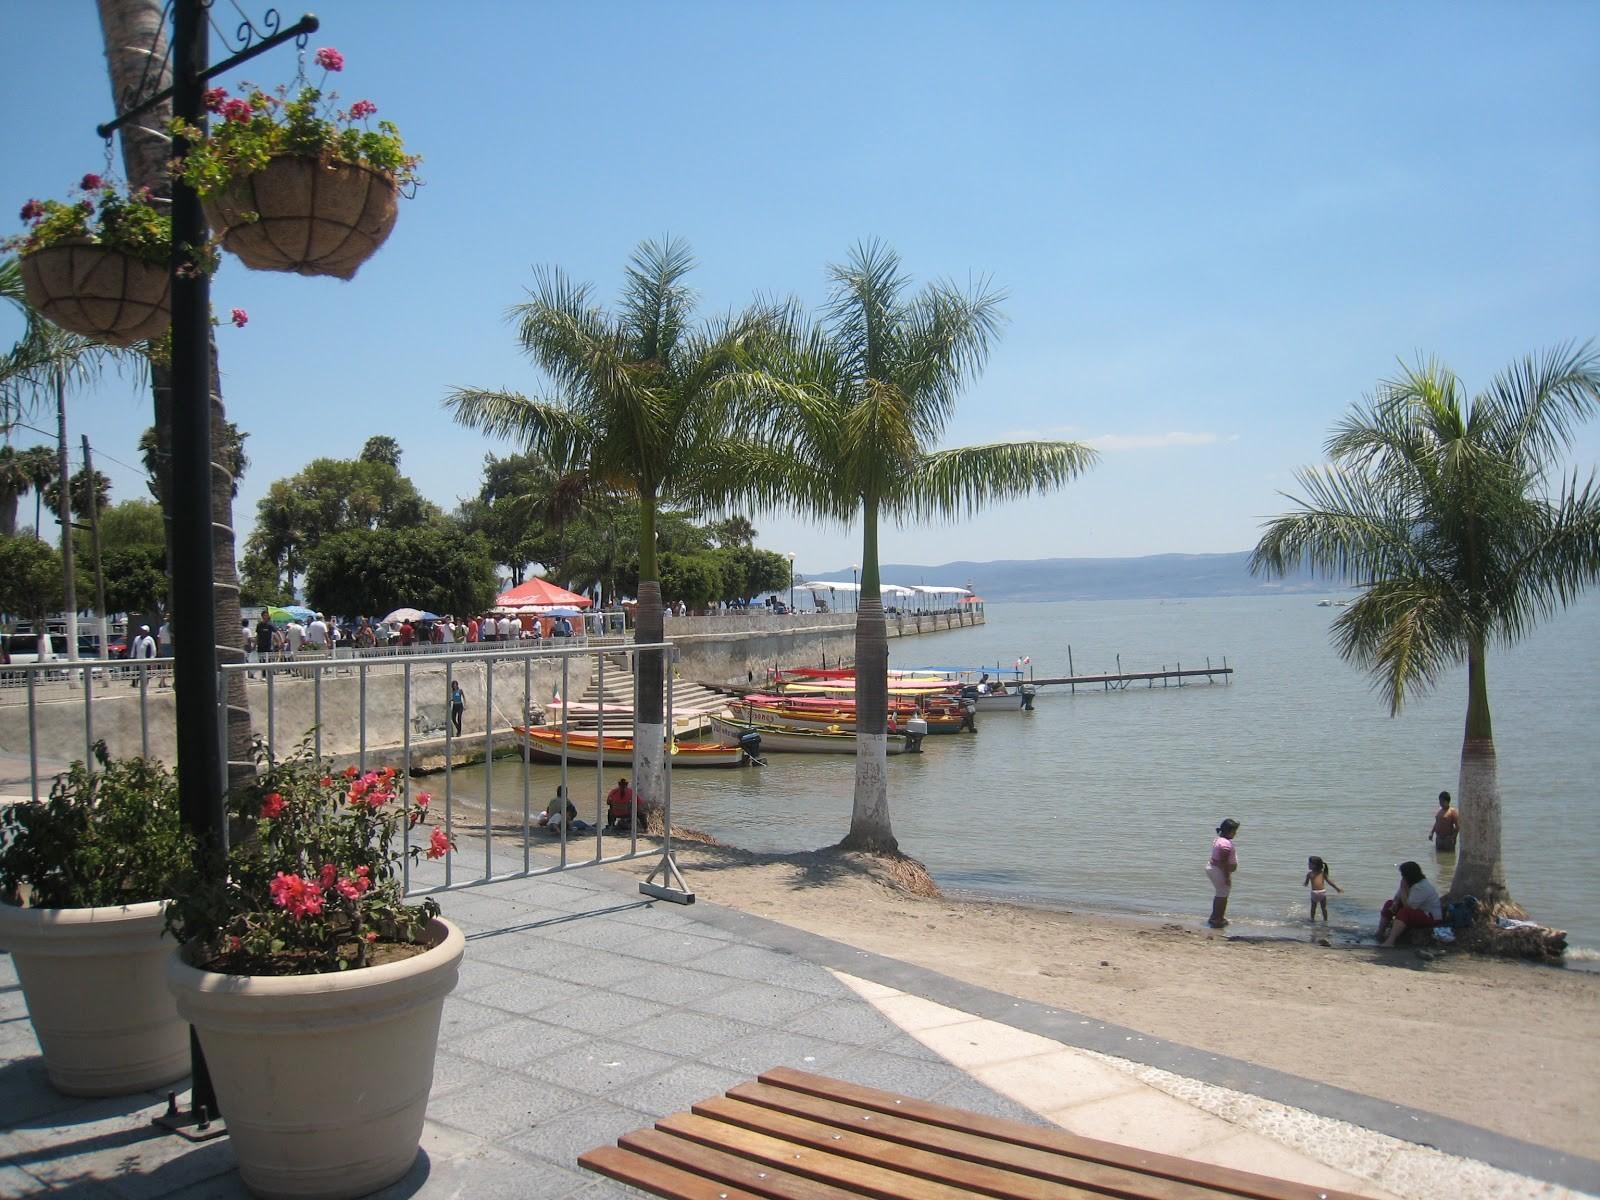 Chapala beach lake palms view